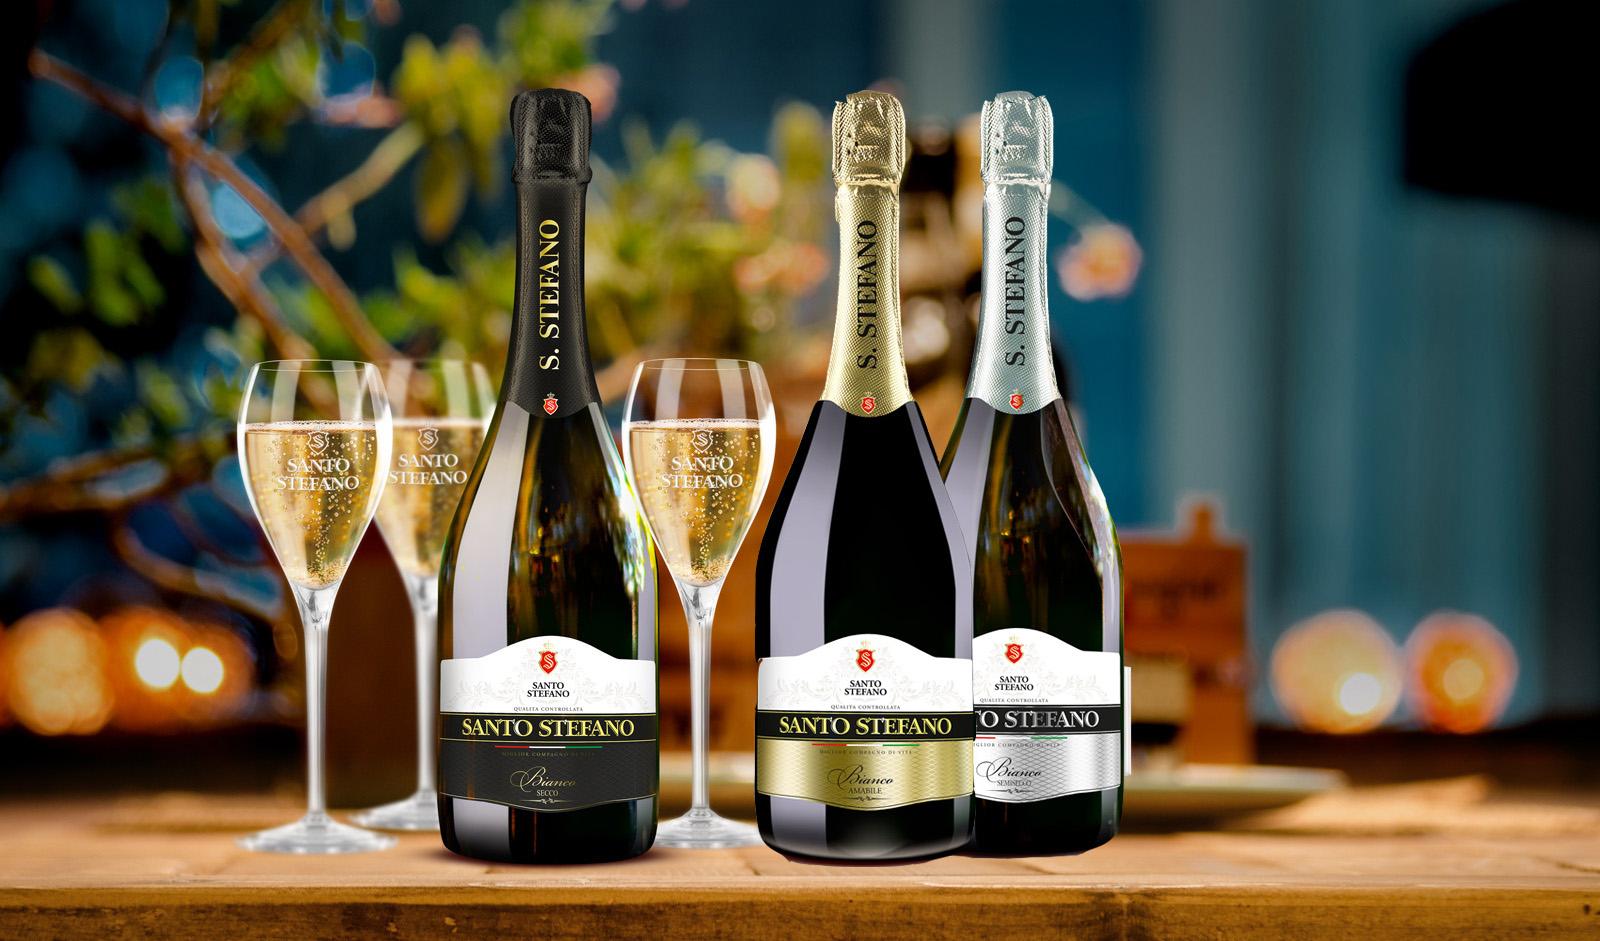 Виды шампанского санто стефано